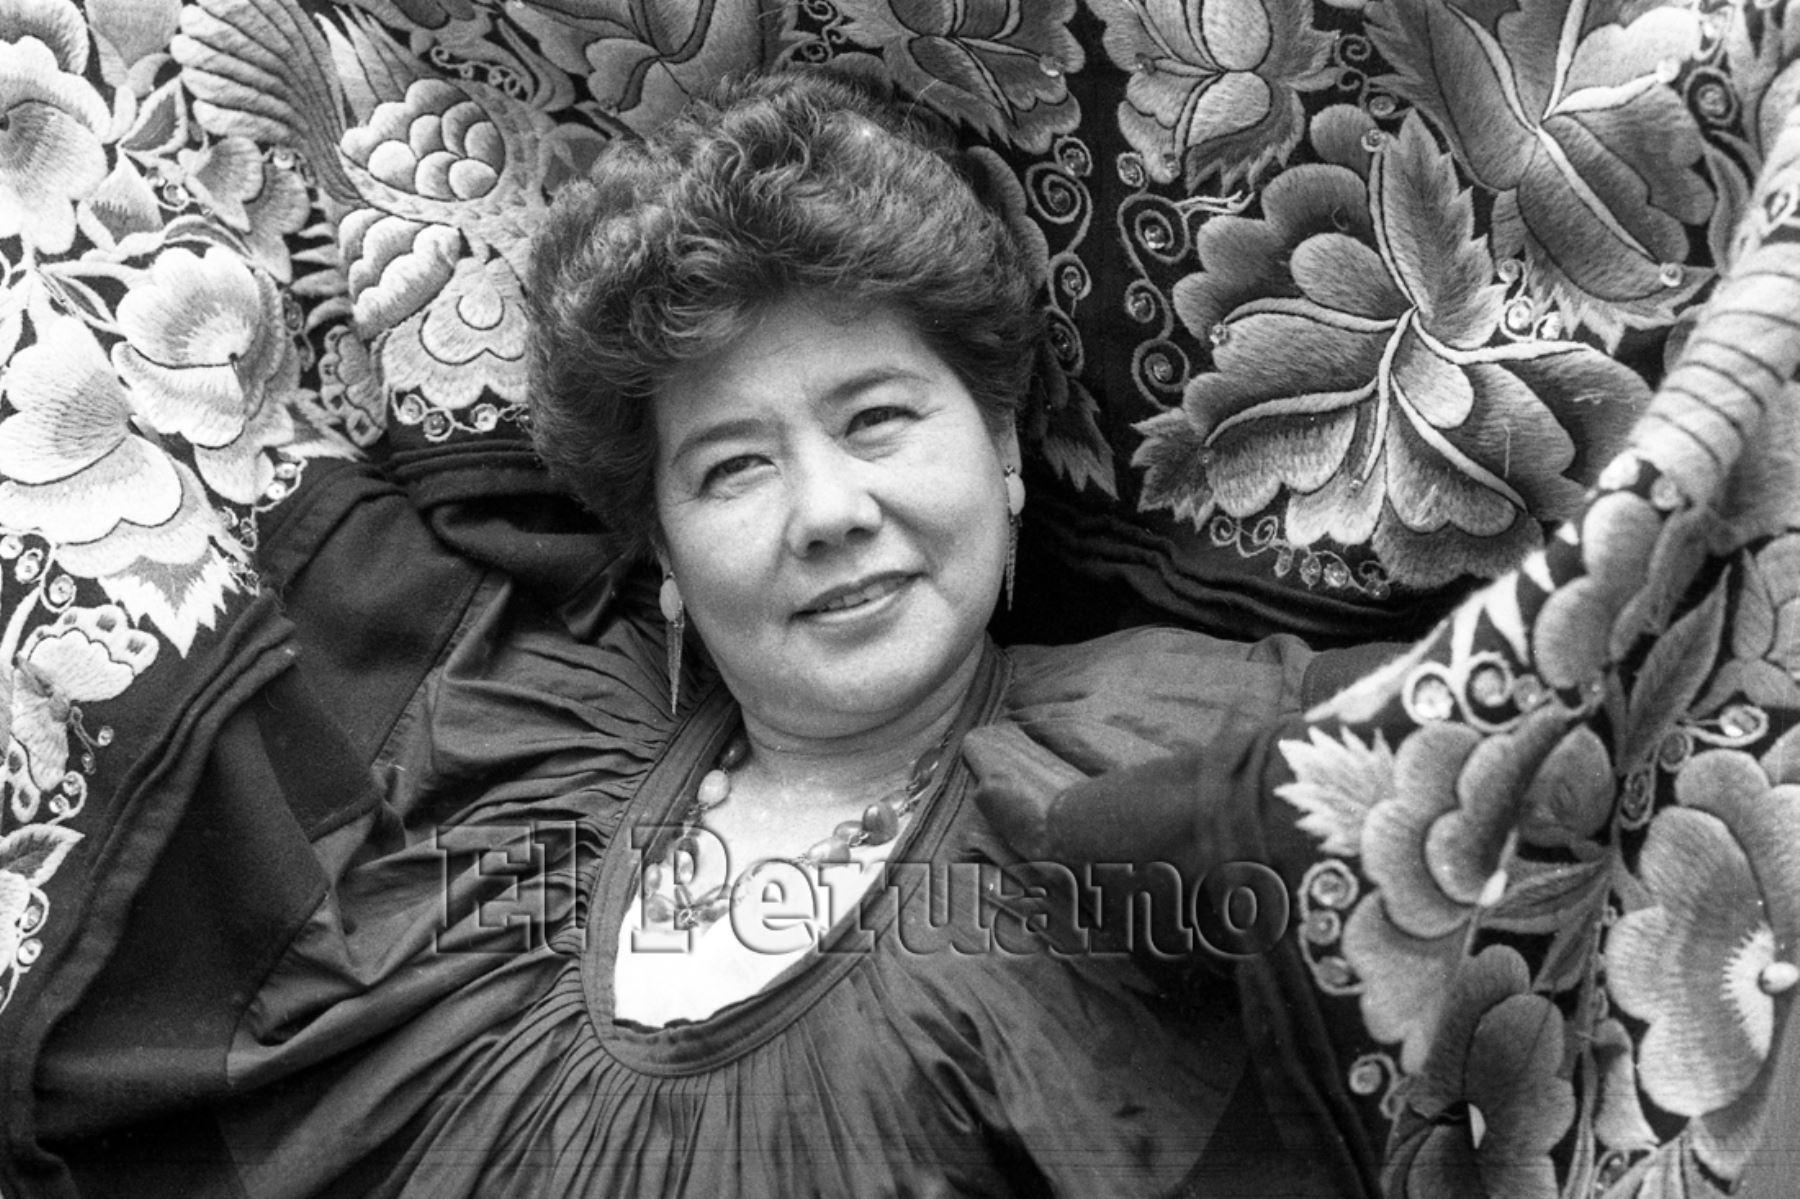 Lima - 9 agosto 1988 / Cantante Angélica Harada Vásquez, más conocida como Princesita de Yungay.